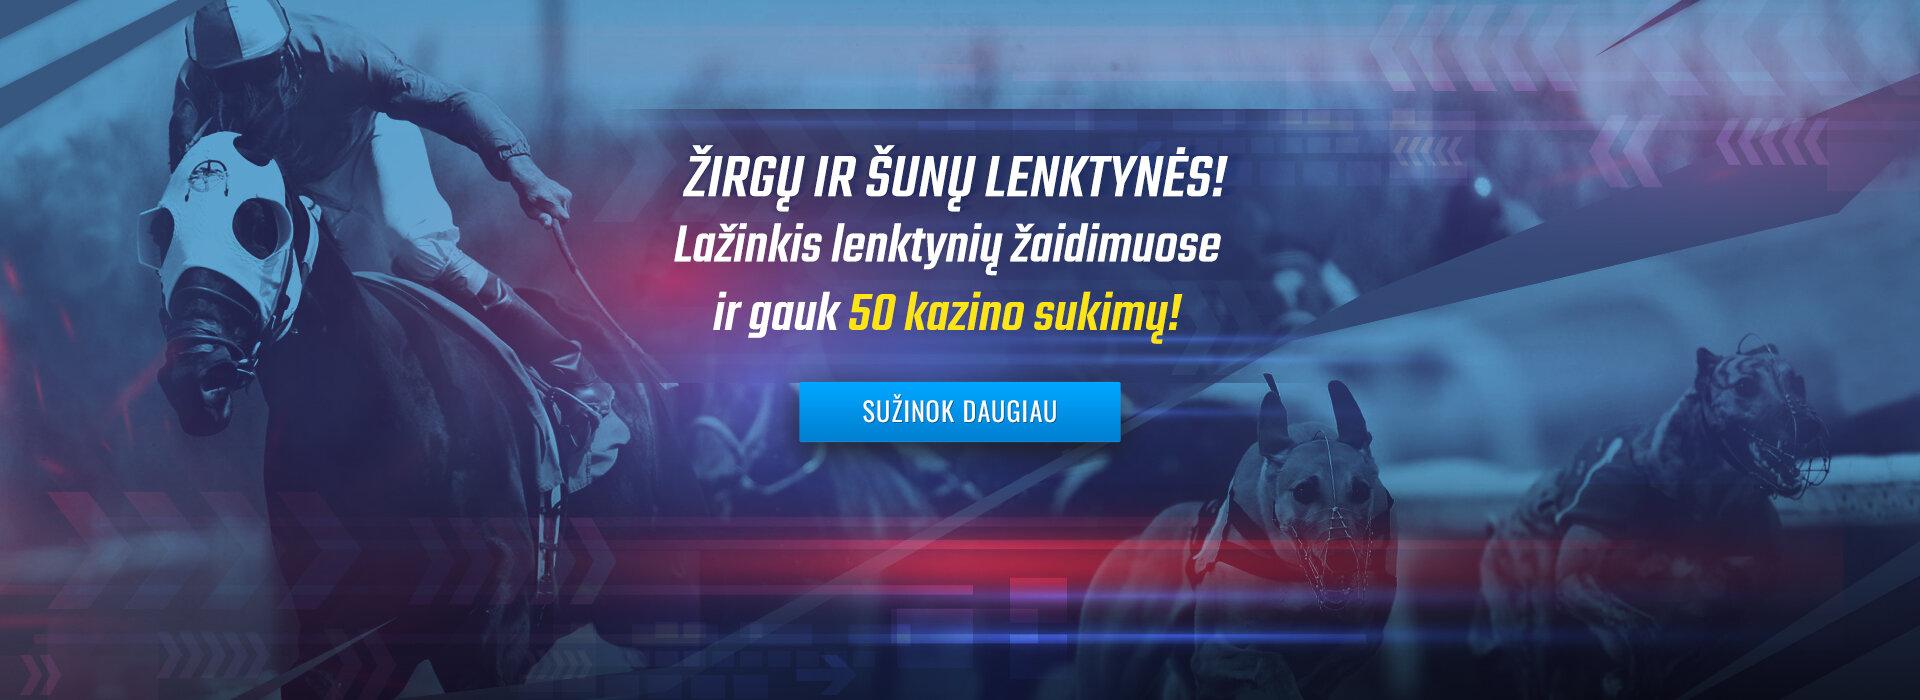 SUNU ZIRGU LENKTYNES AKCIJA